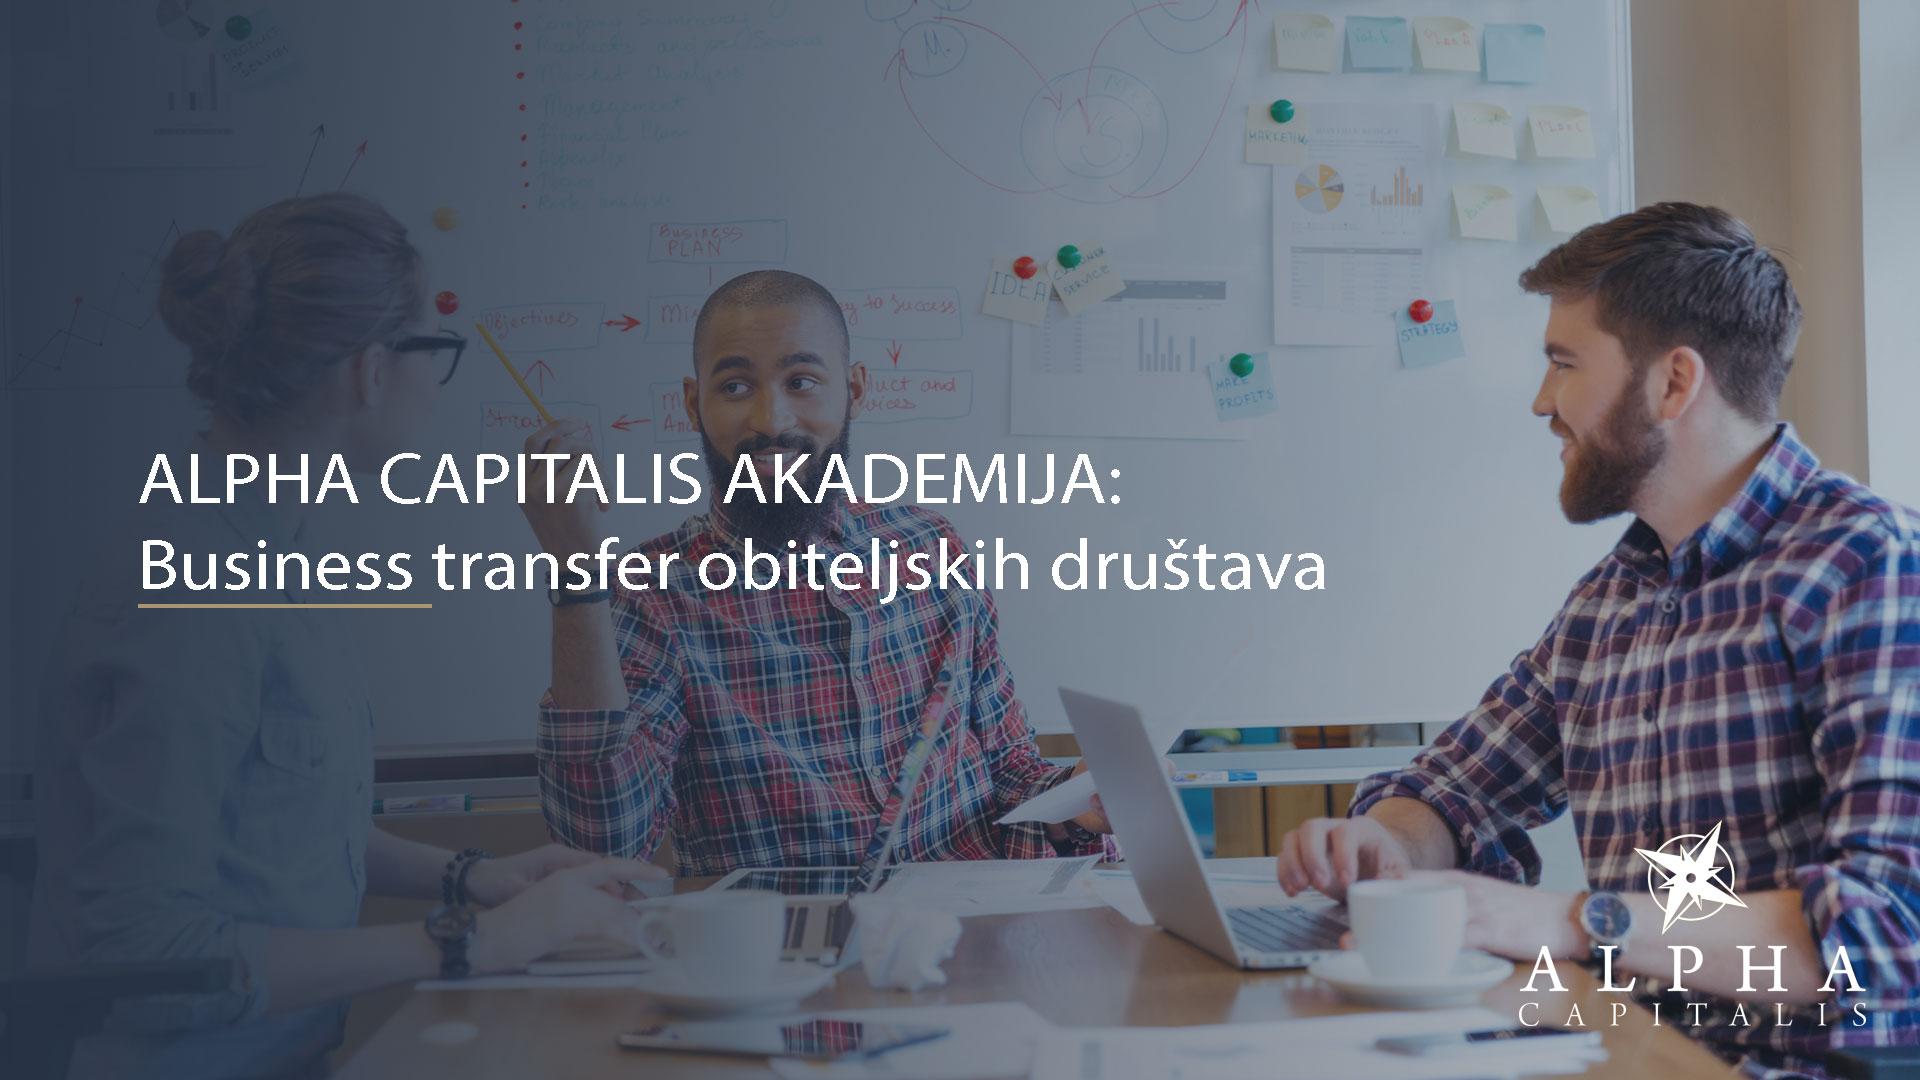 alpha-capitalis-akademija